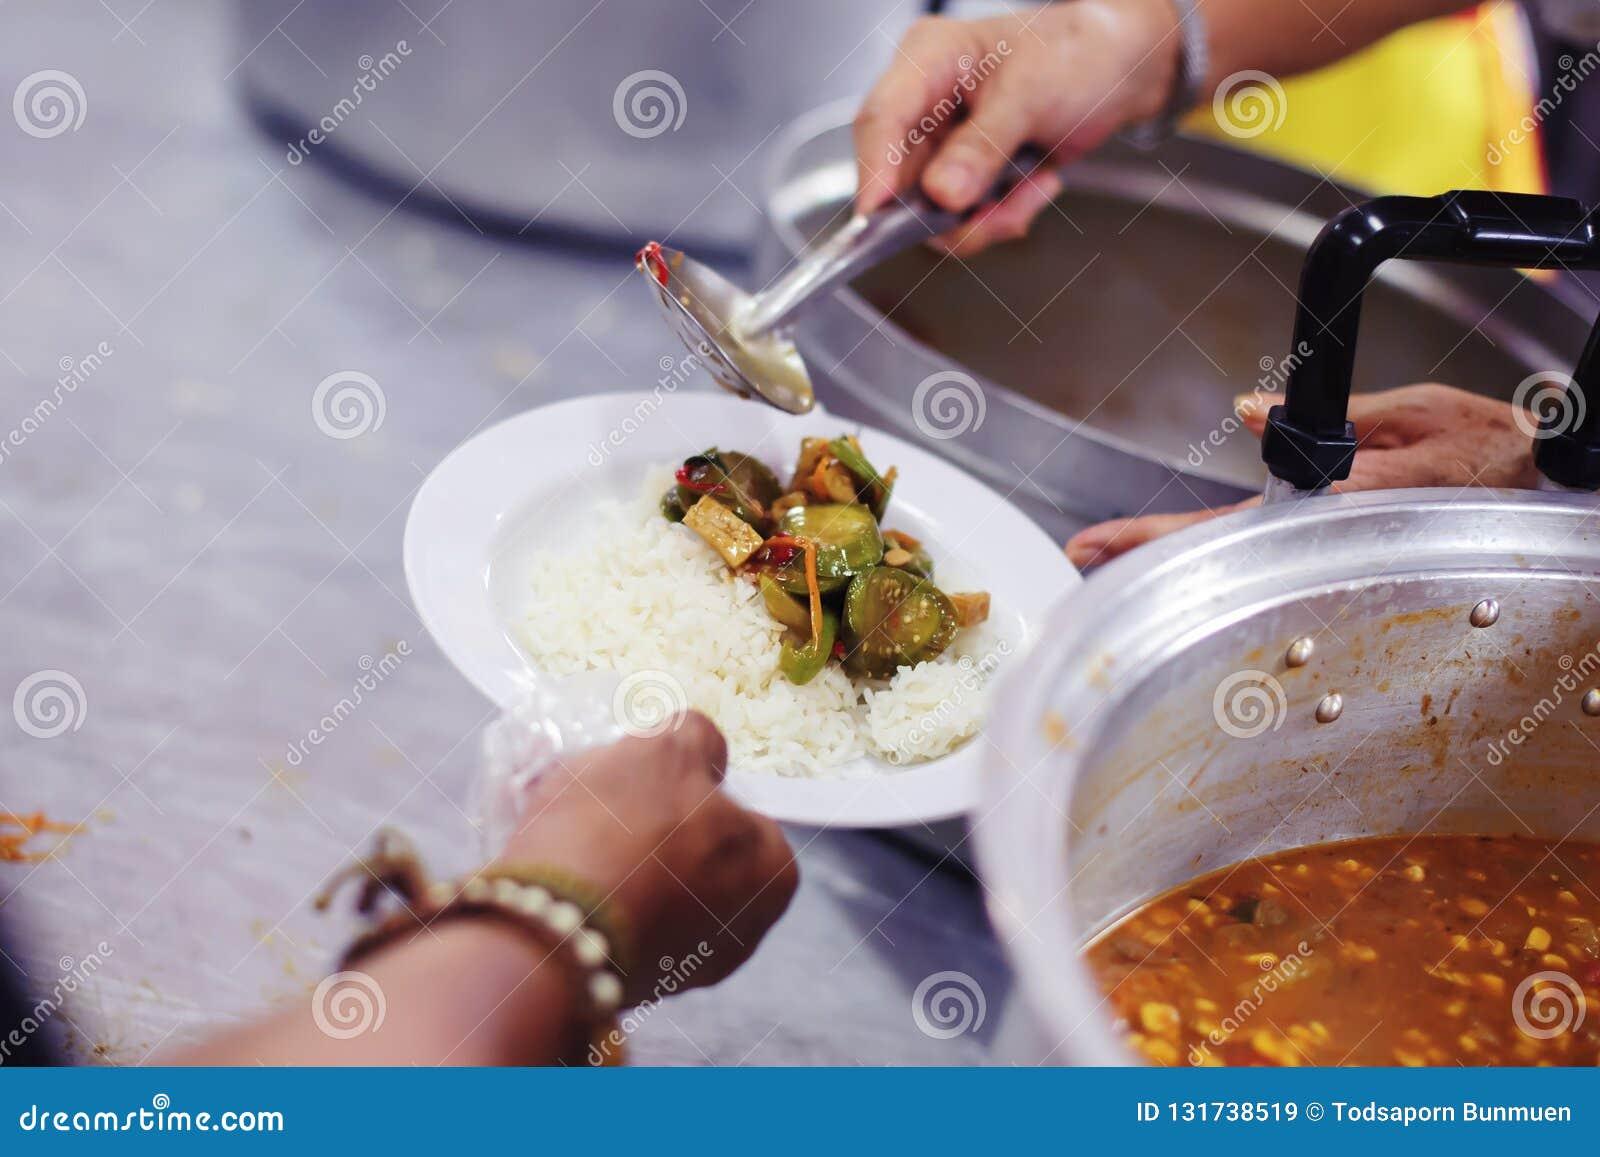 Freiwilliger, zum das hungrige in der Gesellschaft einzuziehen: Das Konzept des Spendens der Nahrung zu den Armen in der Gesellsc